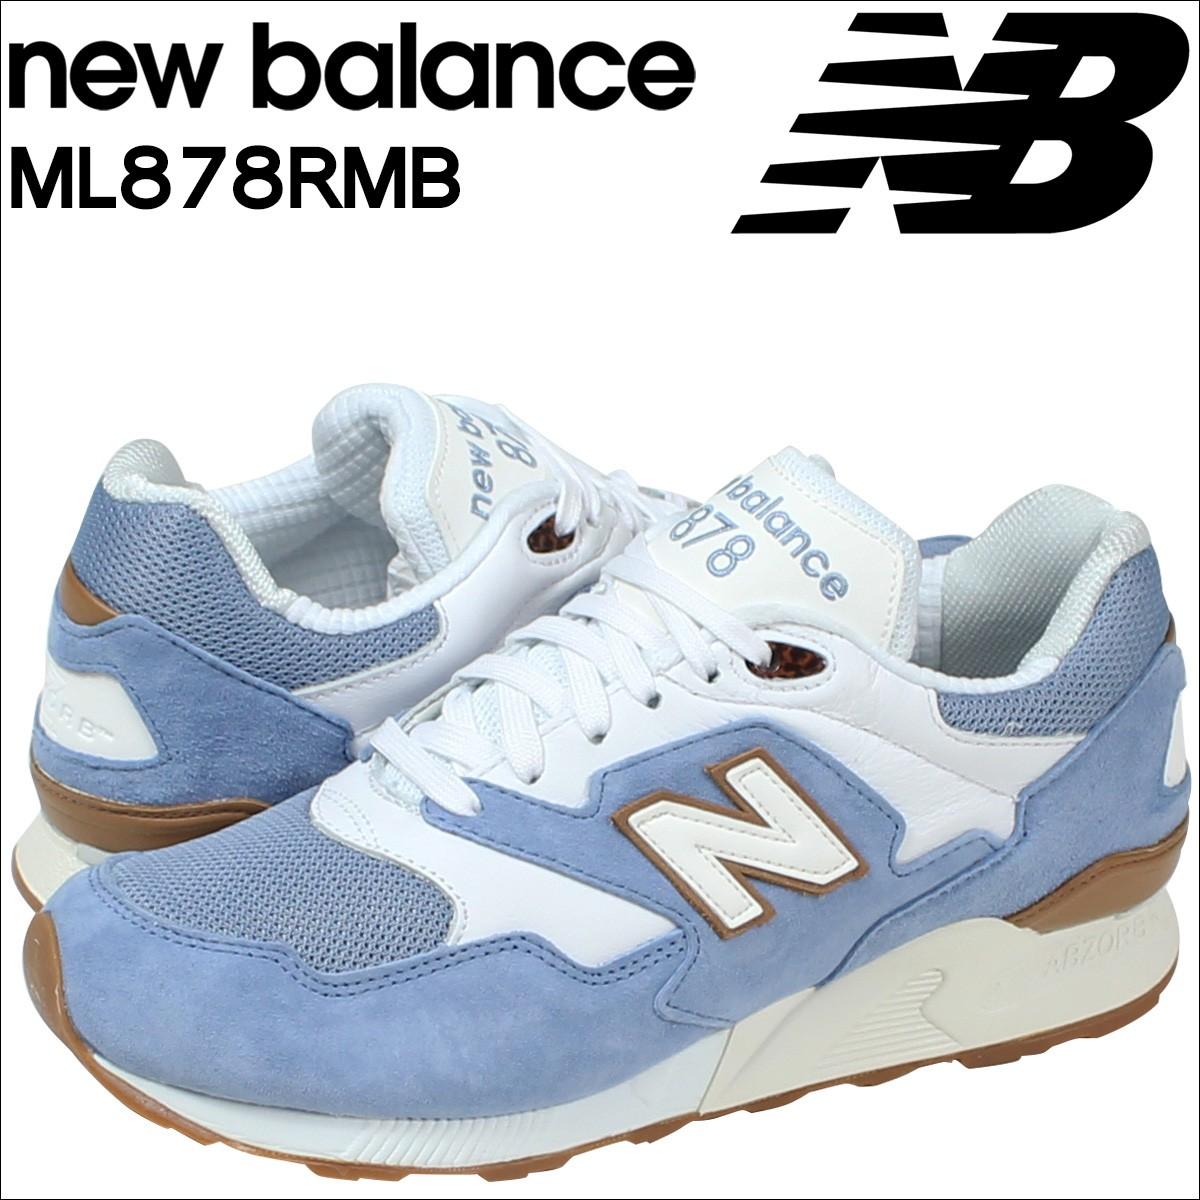 ニューバランス 878 メンズ new balance スニーカー ML878RMB Dワイズ 靴 ブルー 【CLEARANCE】【返品不可】